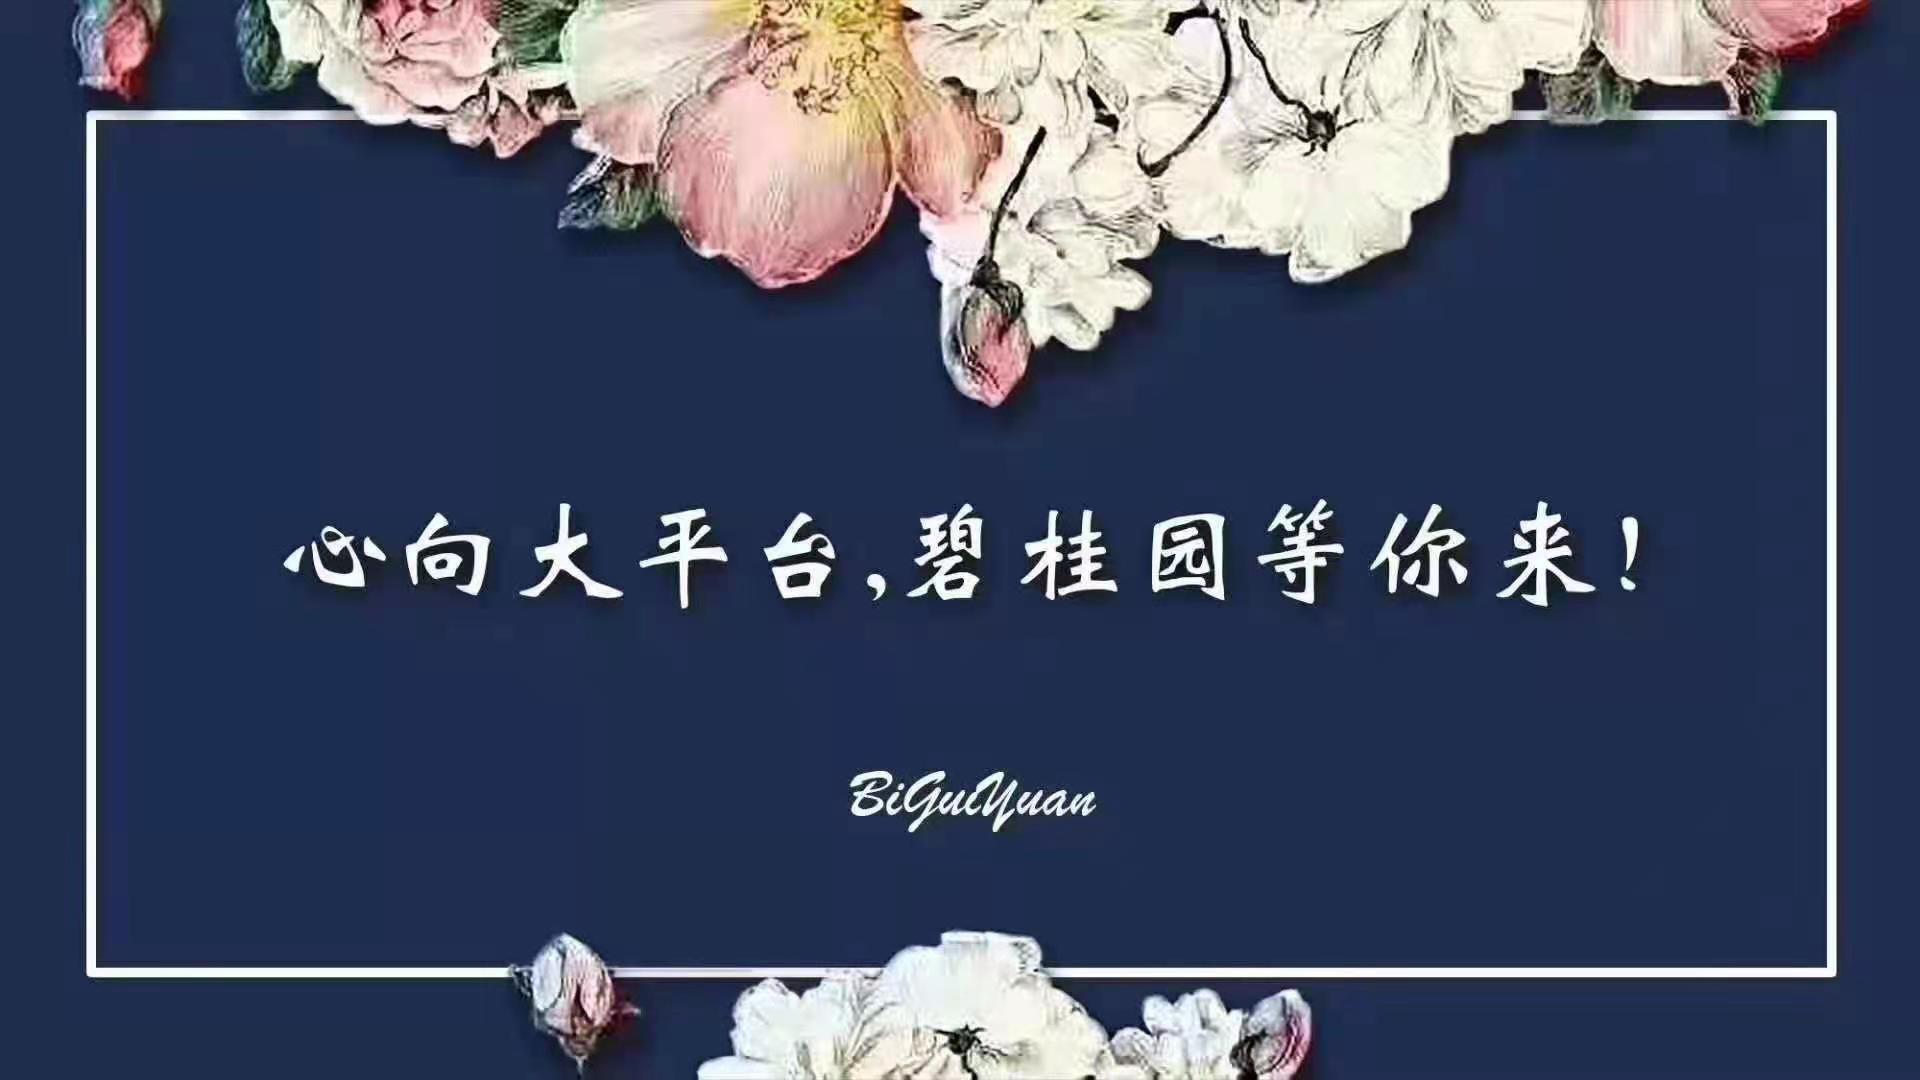 碧桂园武安地区招聘